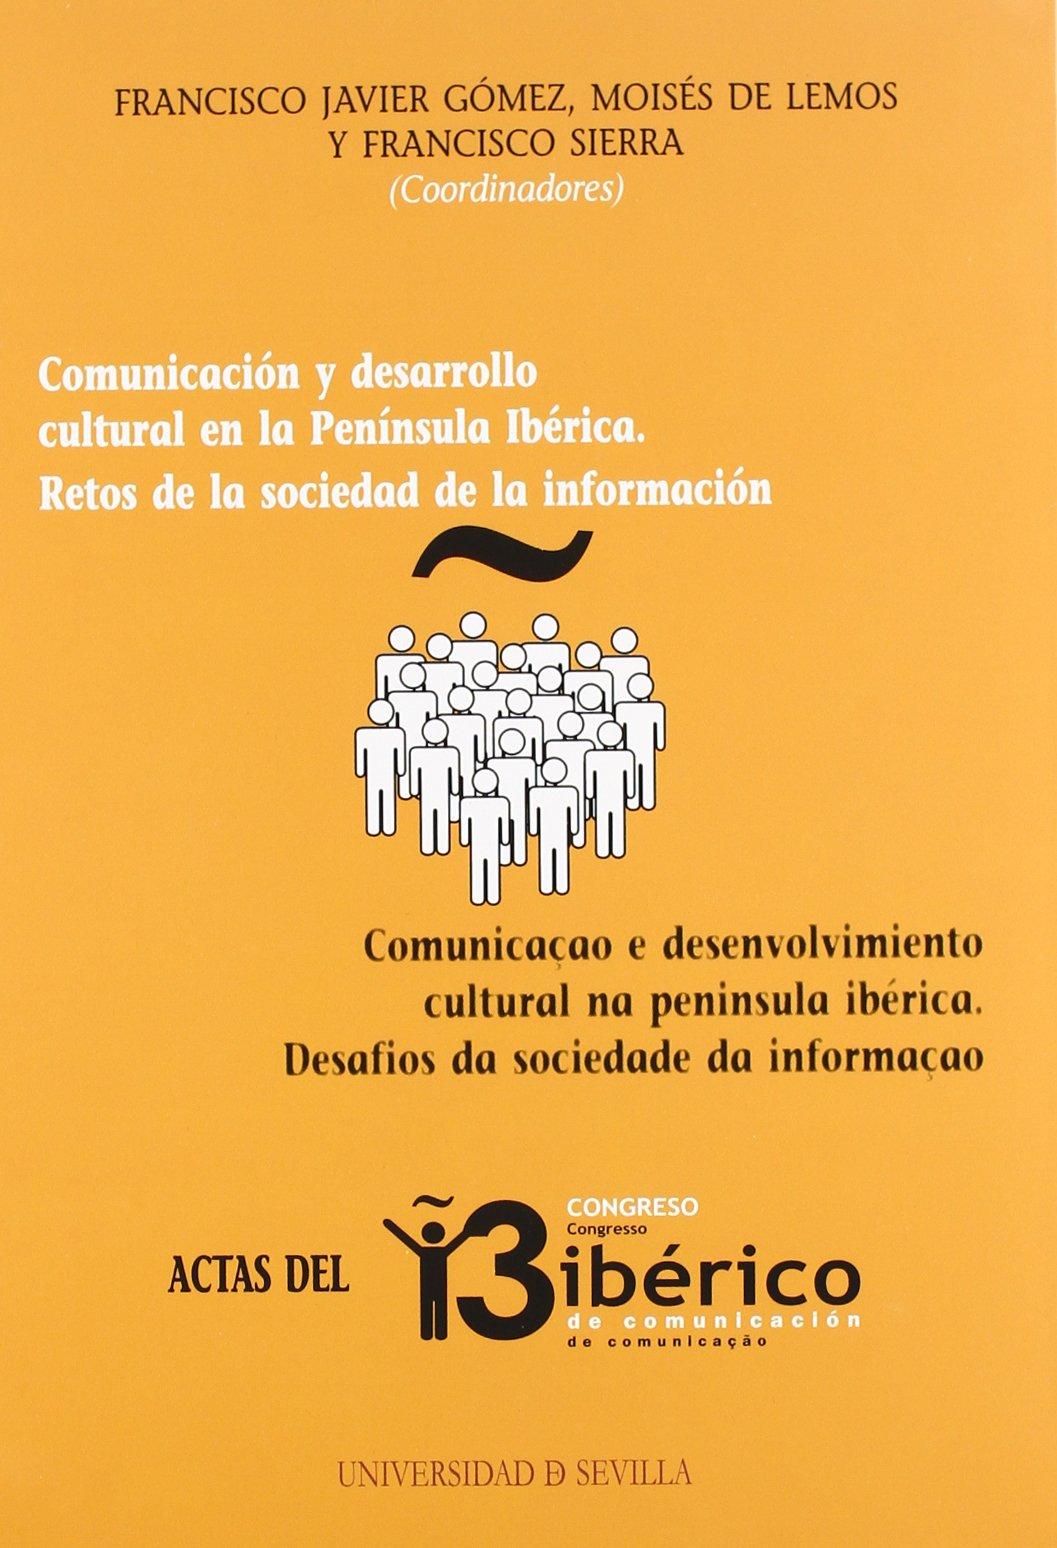 Actas del III Congreso Ibérico de Comunicación